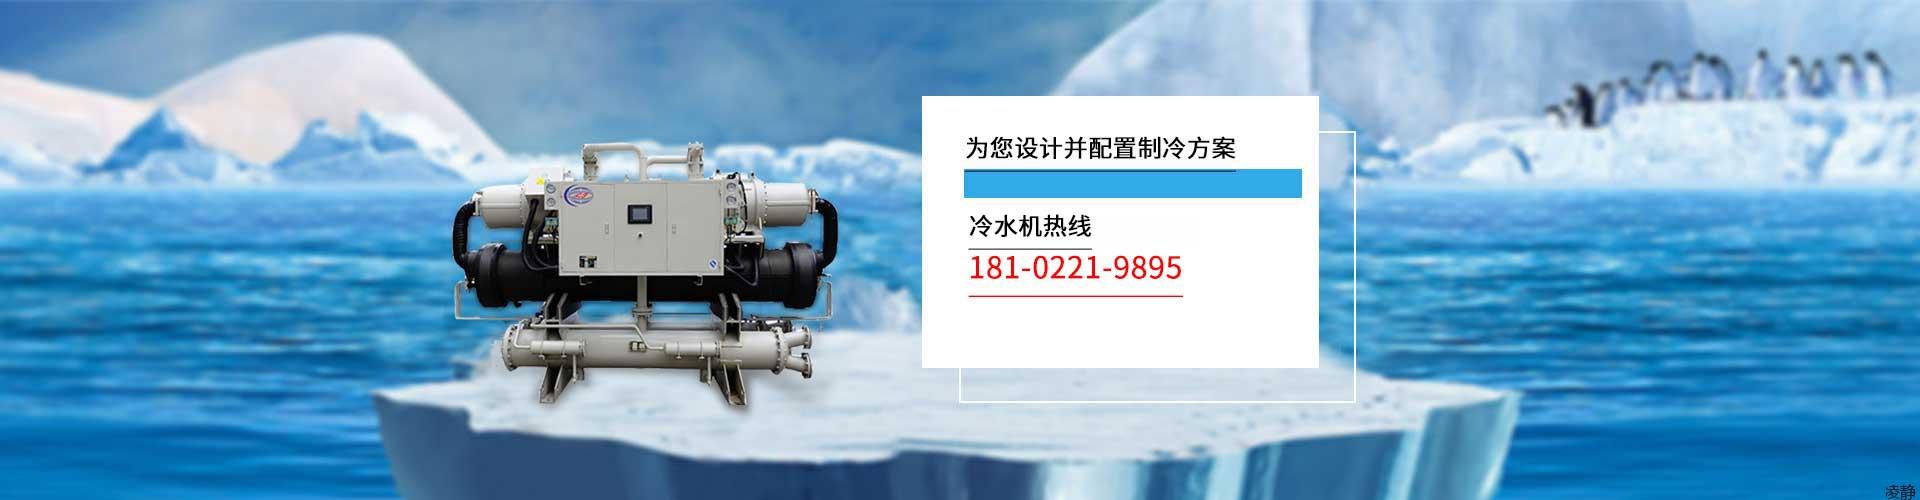 水冷螺杆冷水机图  广州冷冻机   螺杆冷水机 制冷系统